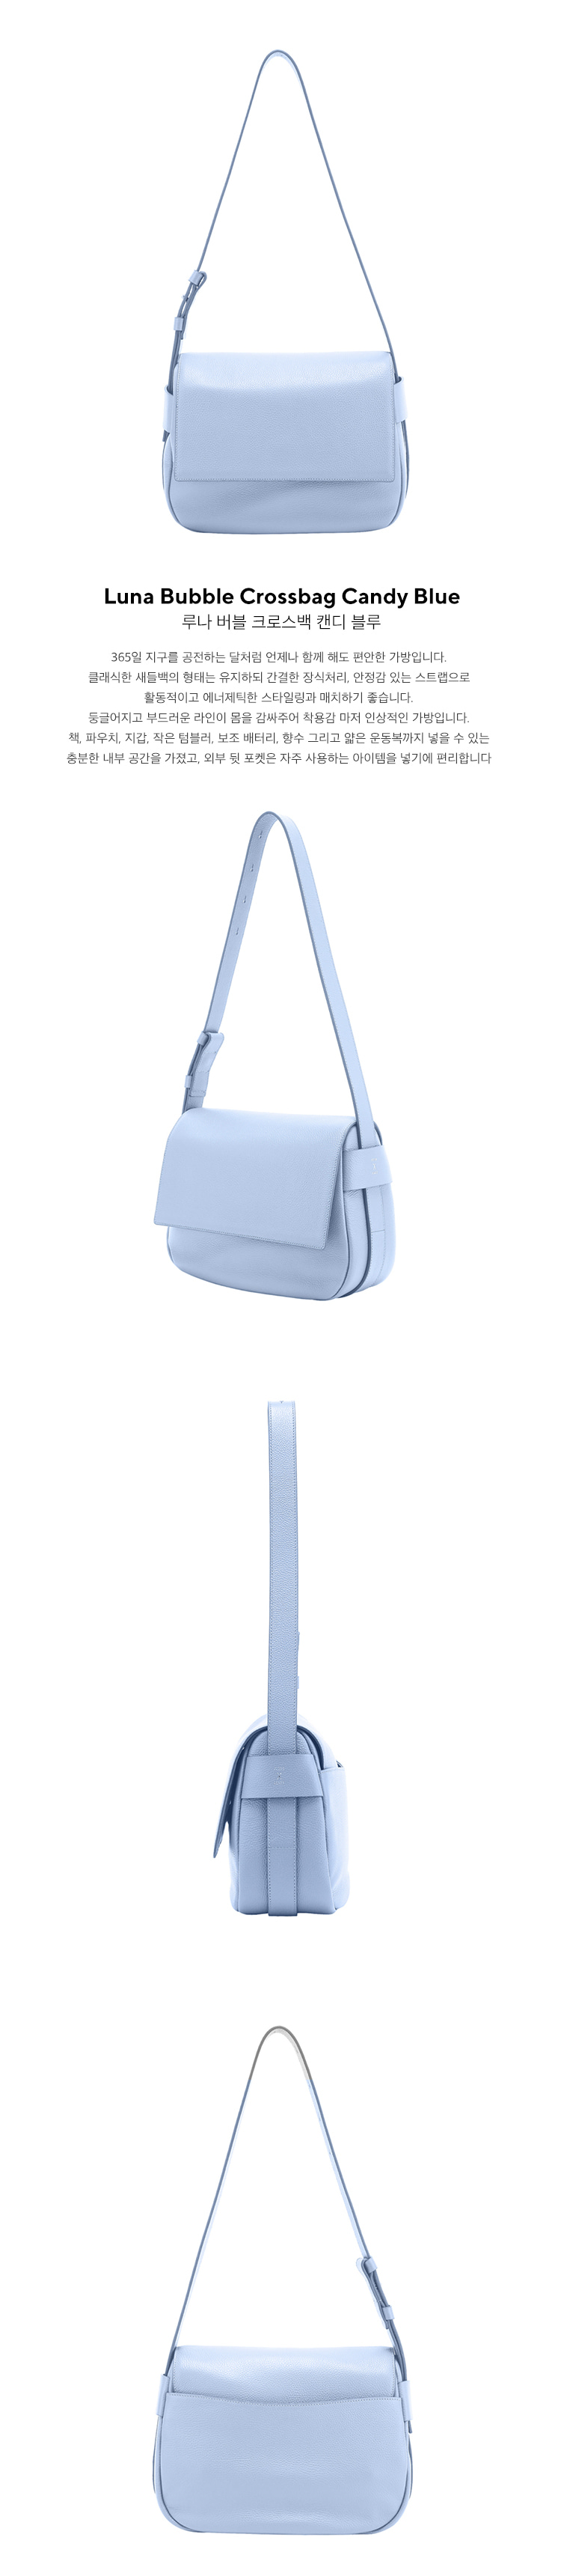 조셉앤스테이시(JOSEPH&STACEY) Luna Bubble Cross Bag Candy Blue